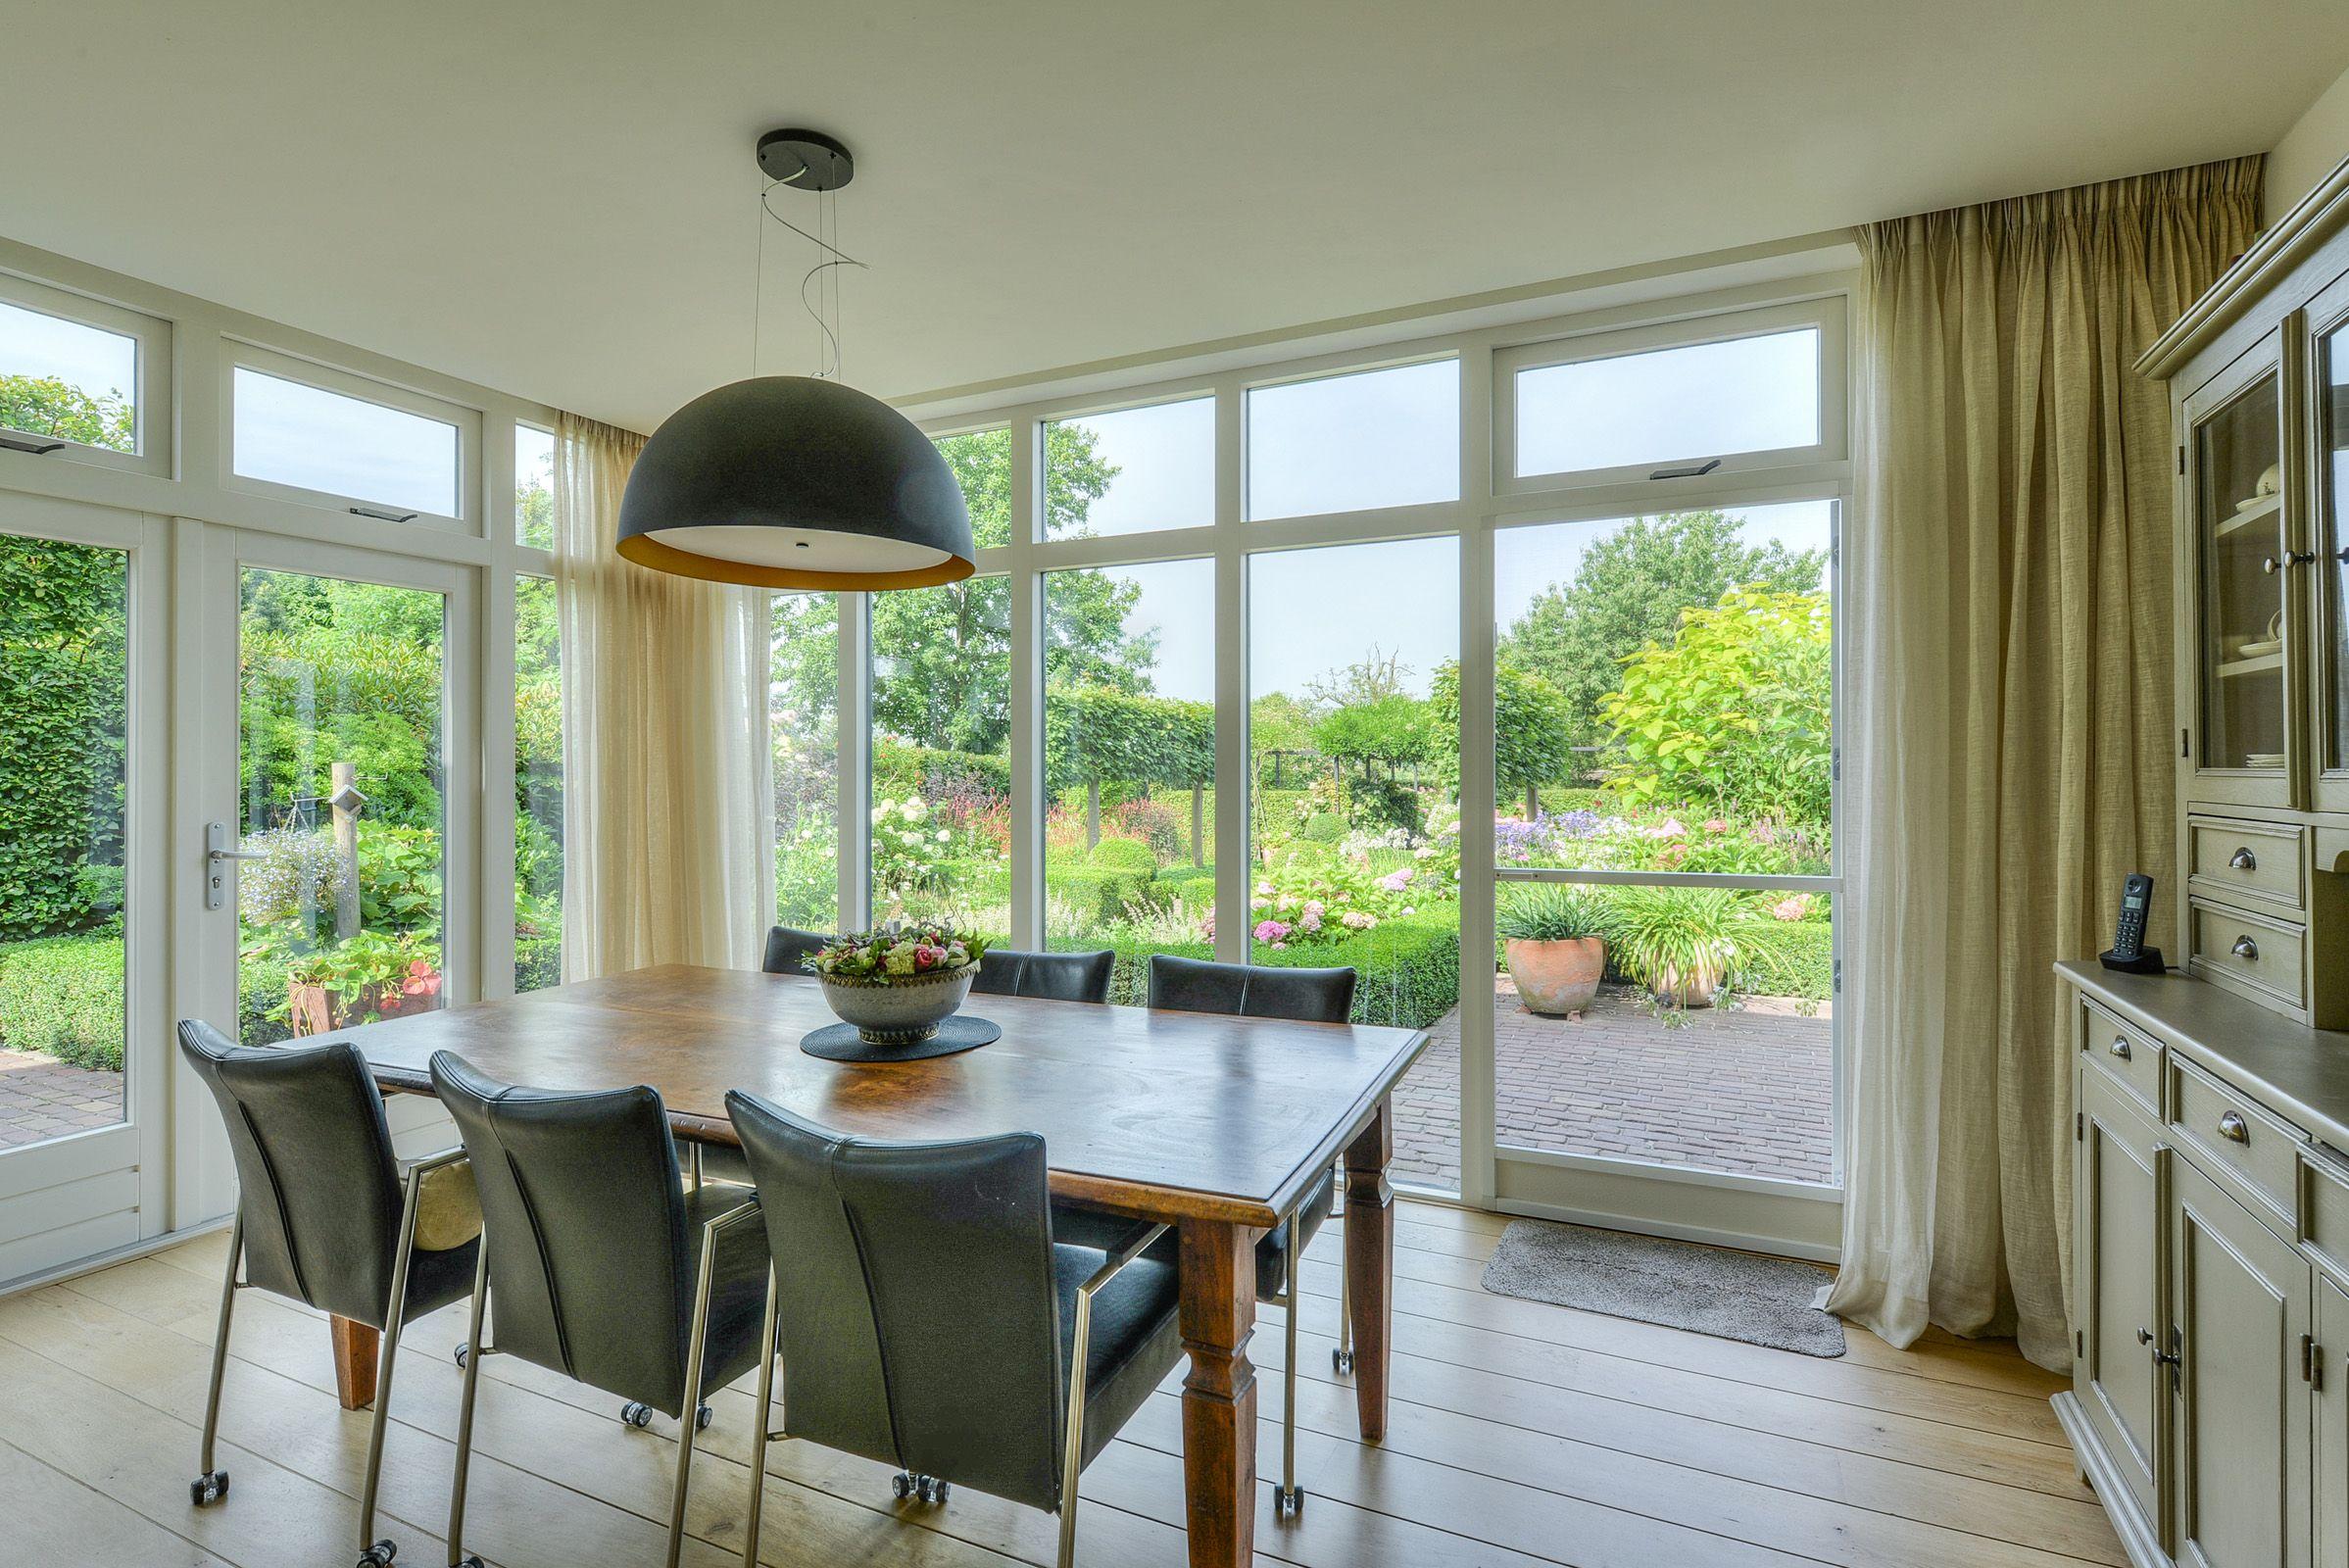 Eetkamer met glas tuinkamer verbouwing vrijstaande woning